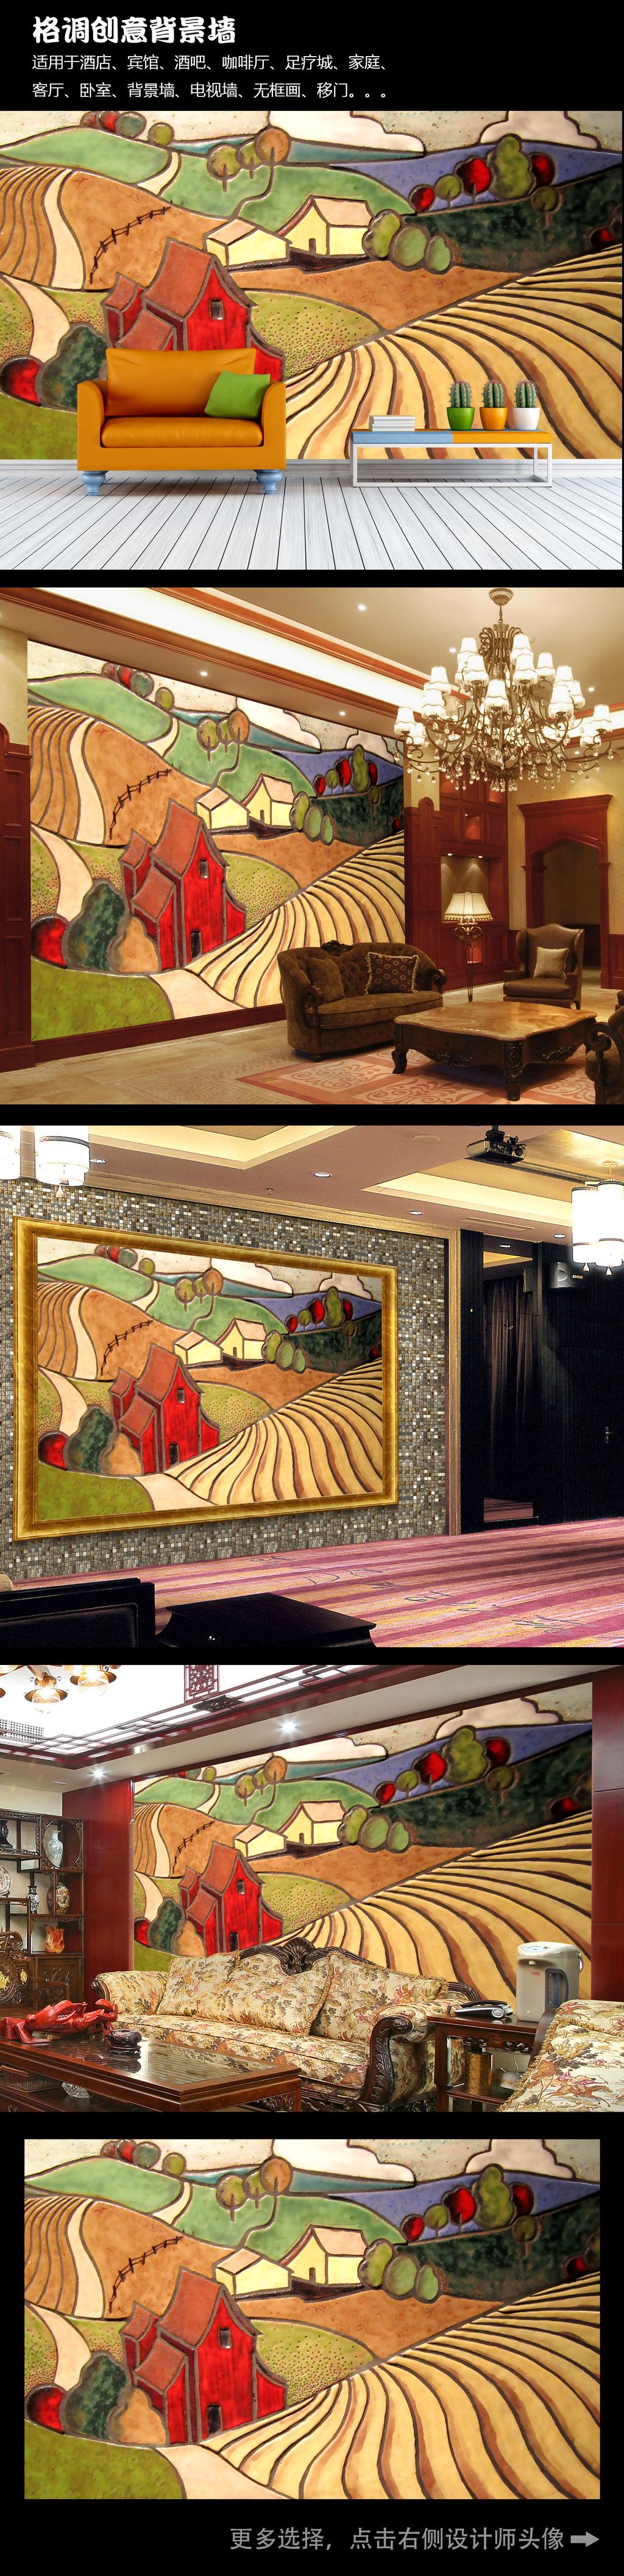 3d欧式田园陶瓷背景墙装饰画